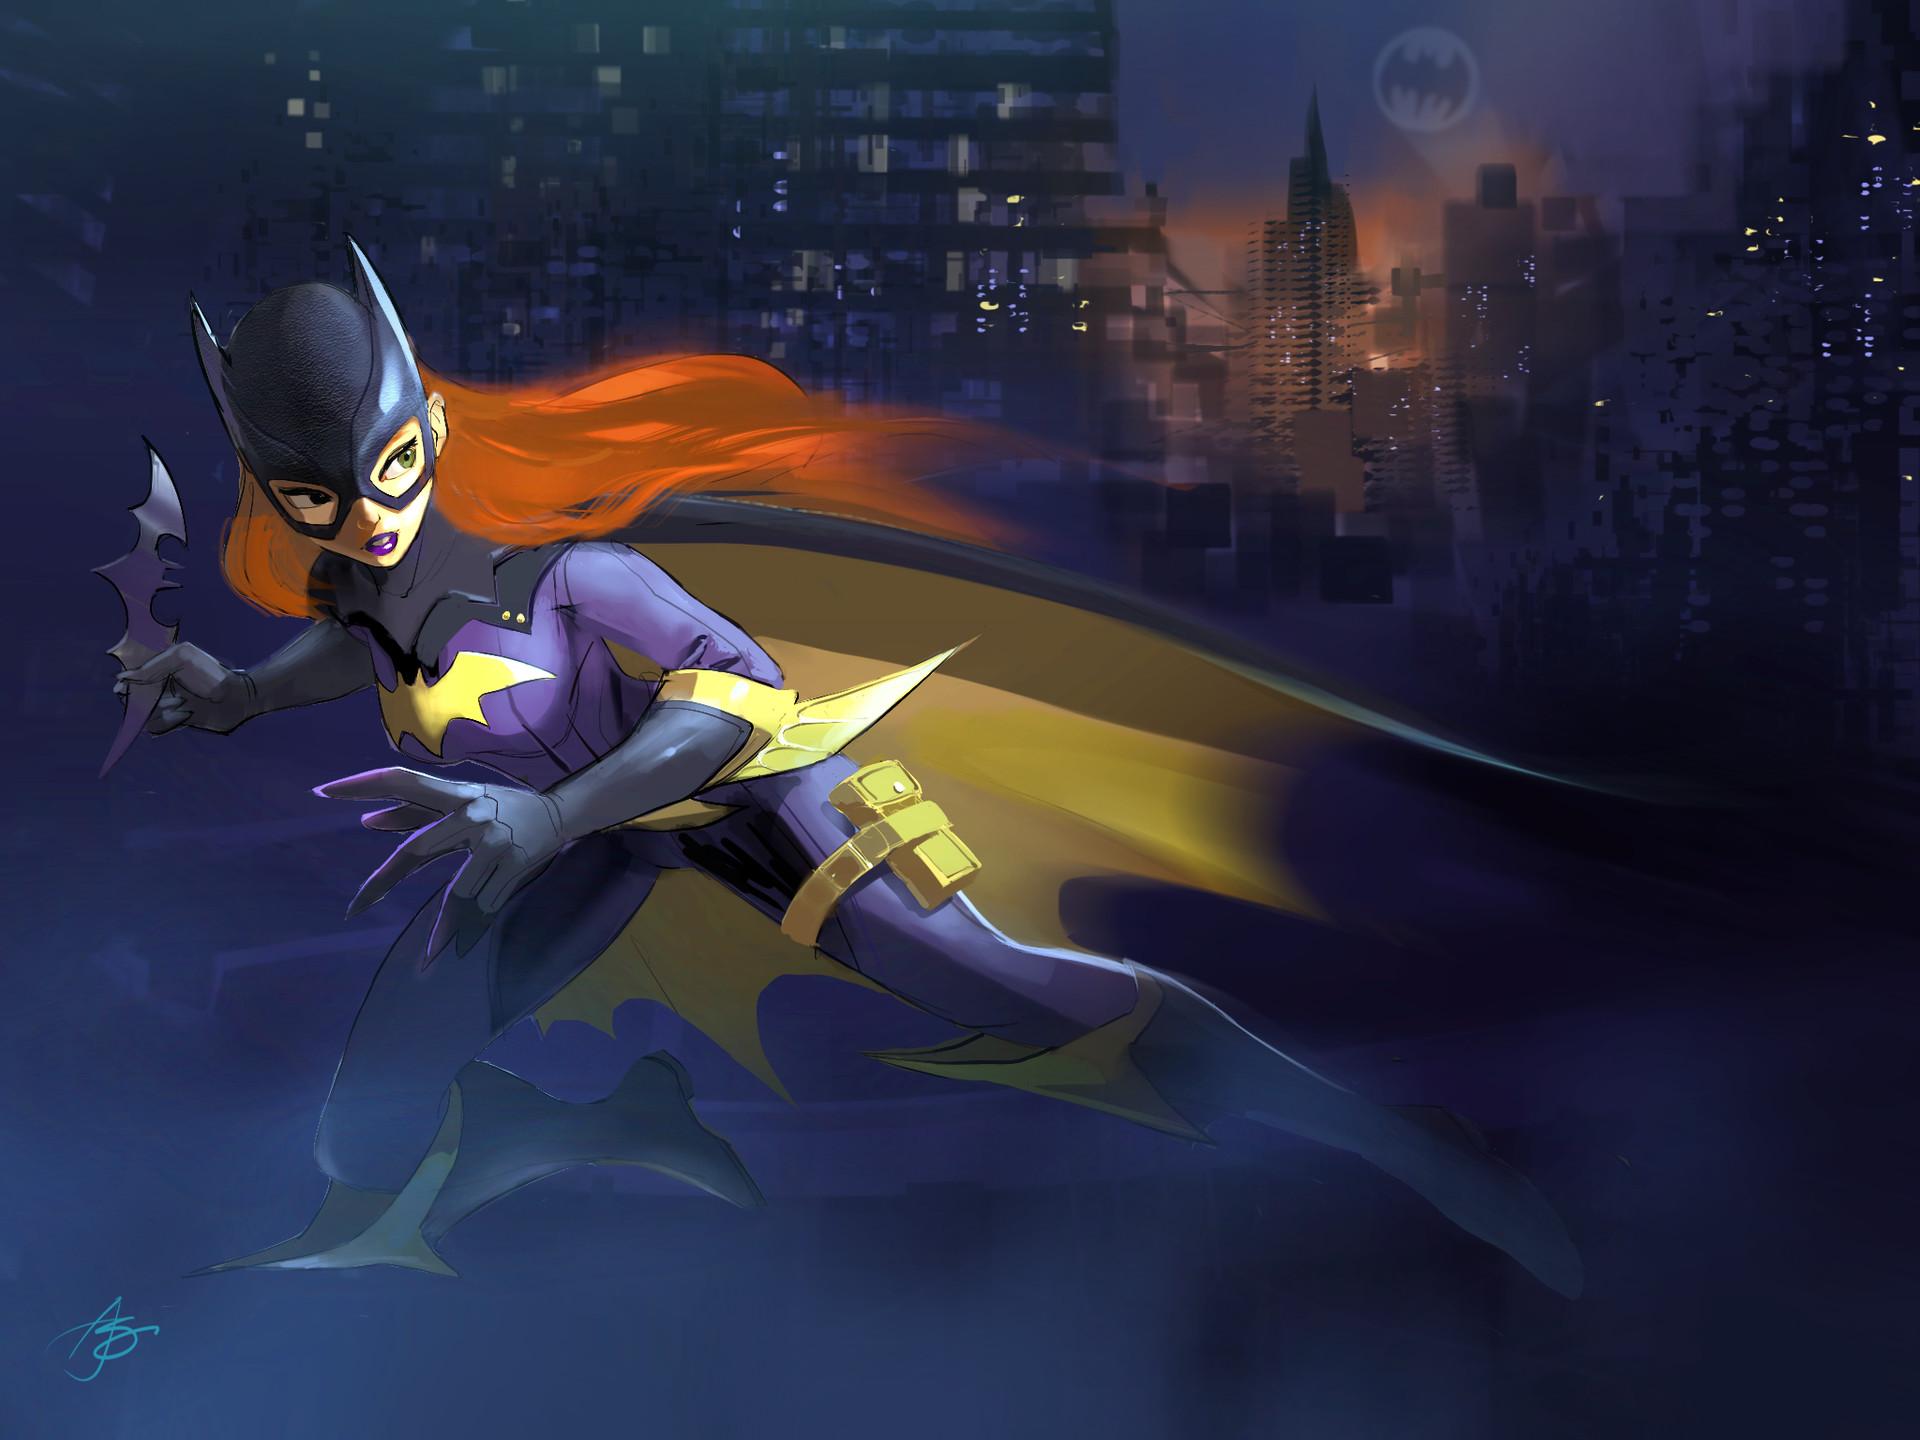 Allen song batgirl